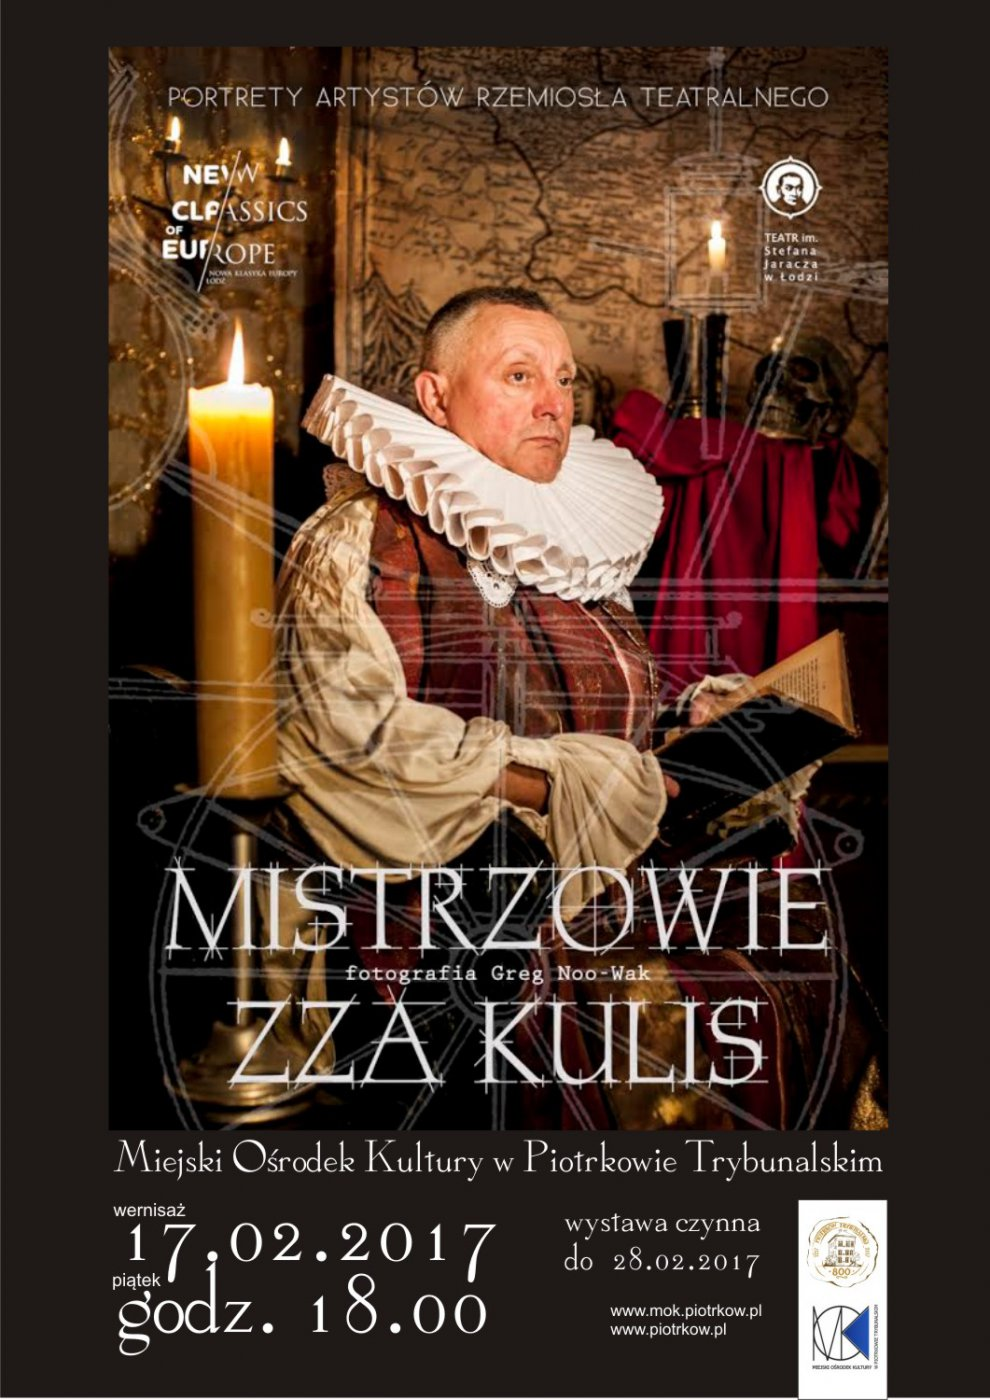 Wernisaż wystawy MISTRZOWIE ZZA KULIS. Portret artystów rzemiosła teatralnego